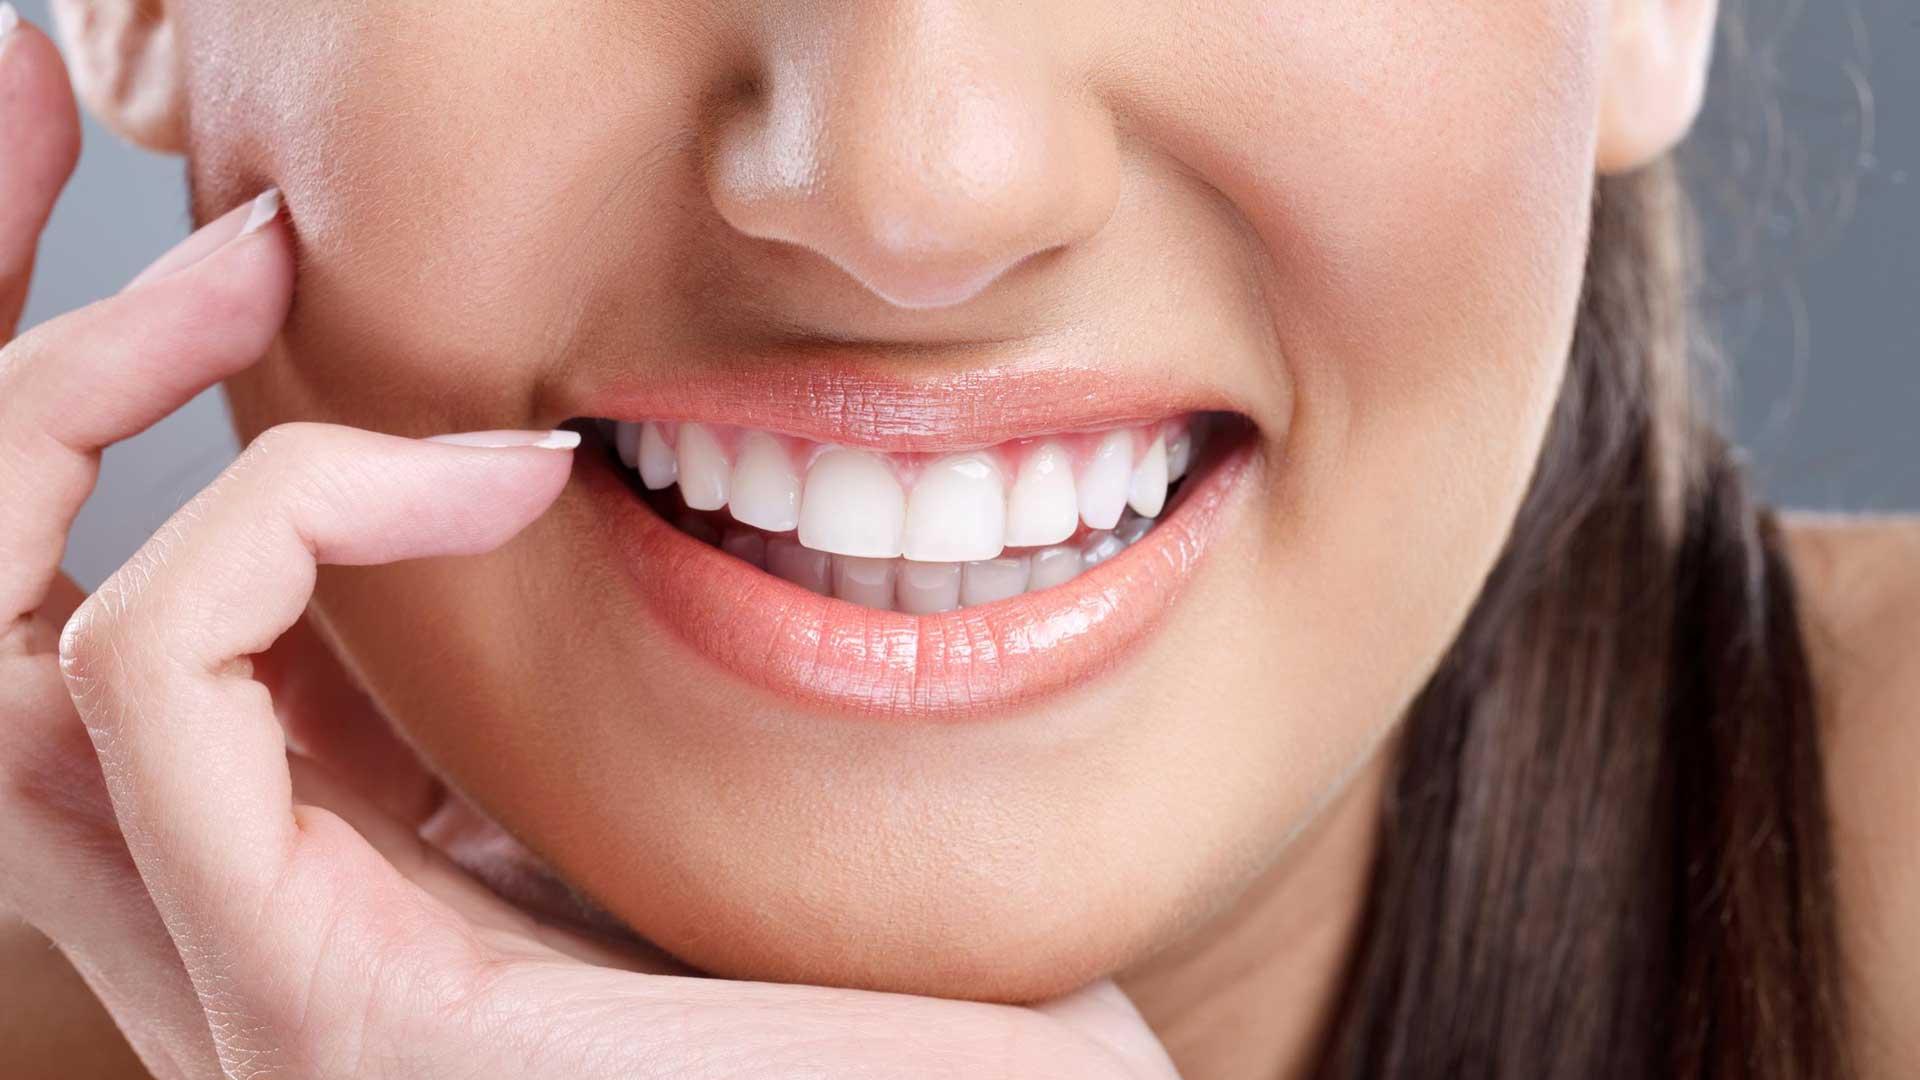 Ogden orthodontic aligner dentist near me